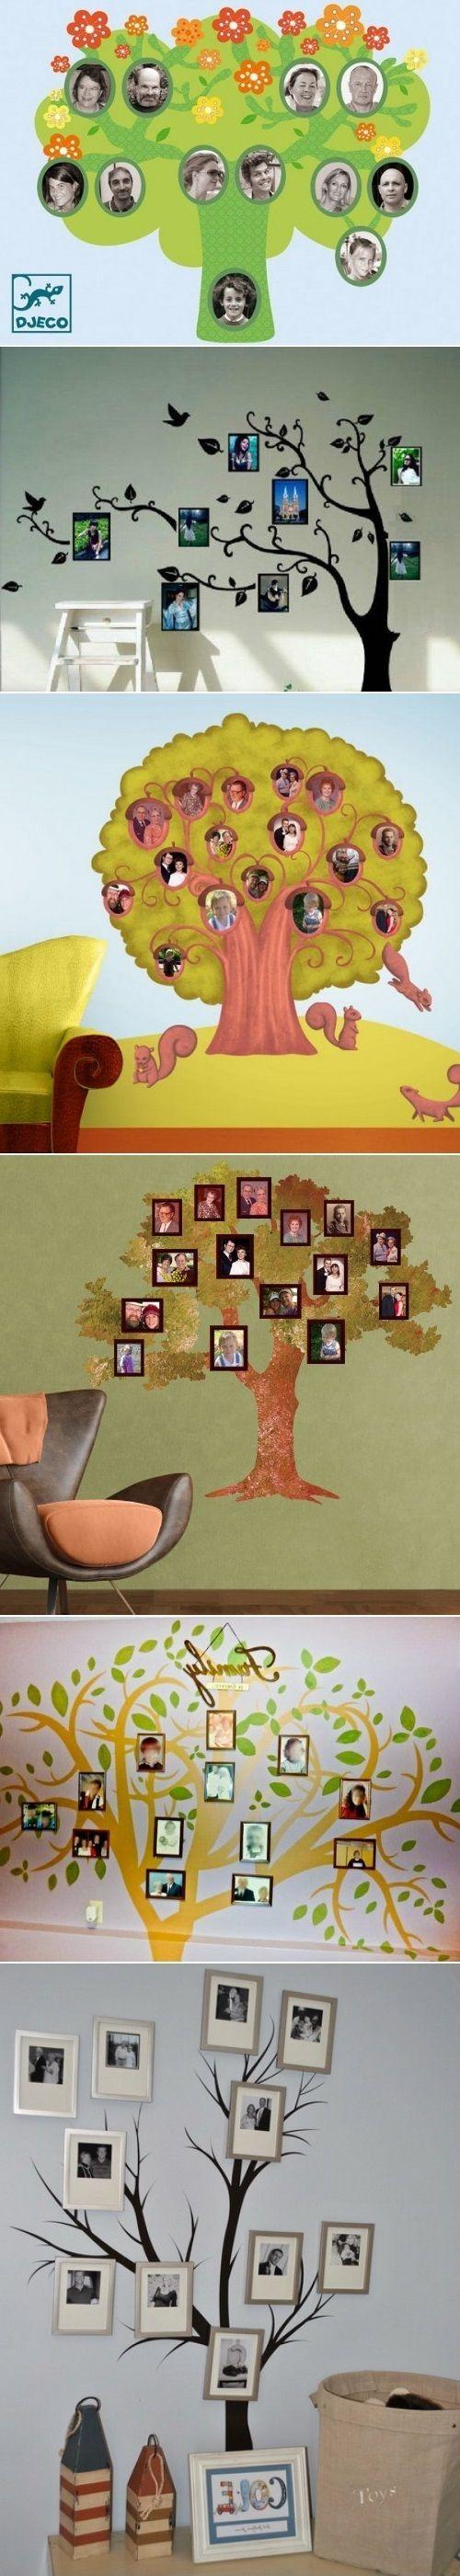 Árbol genealógico en la pared